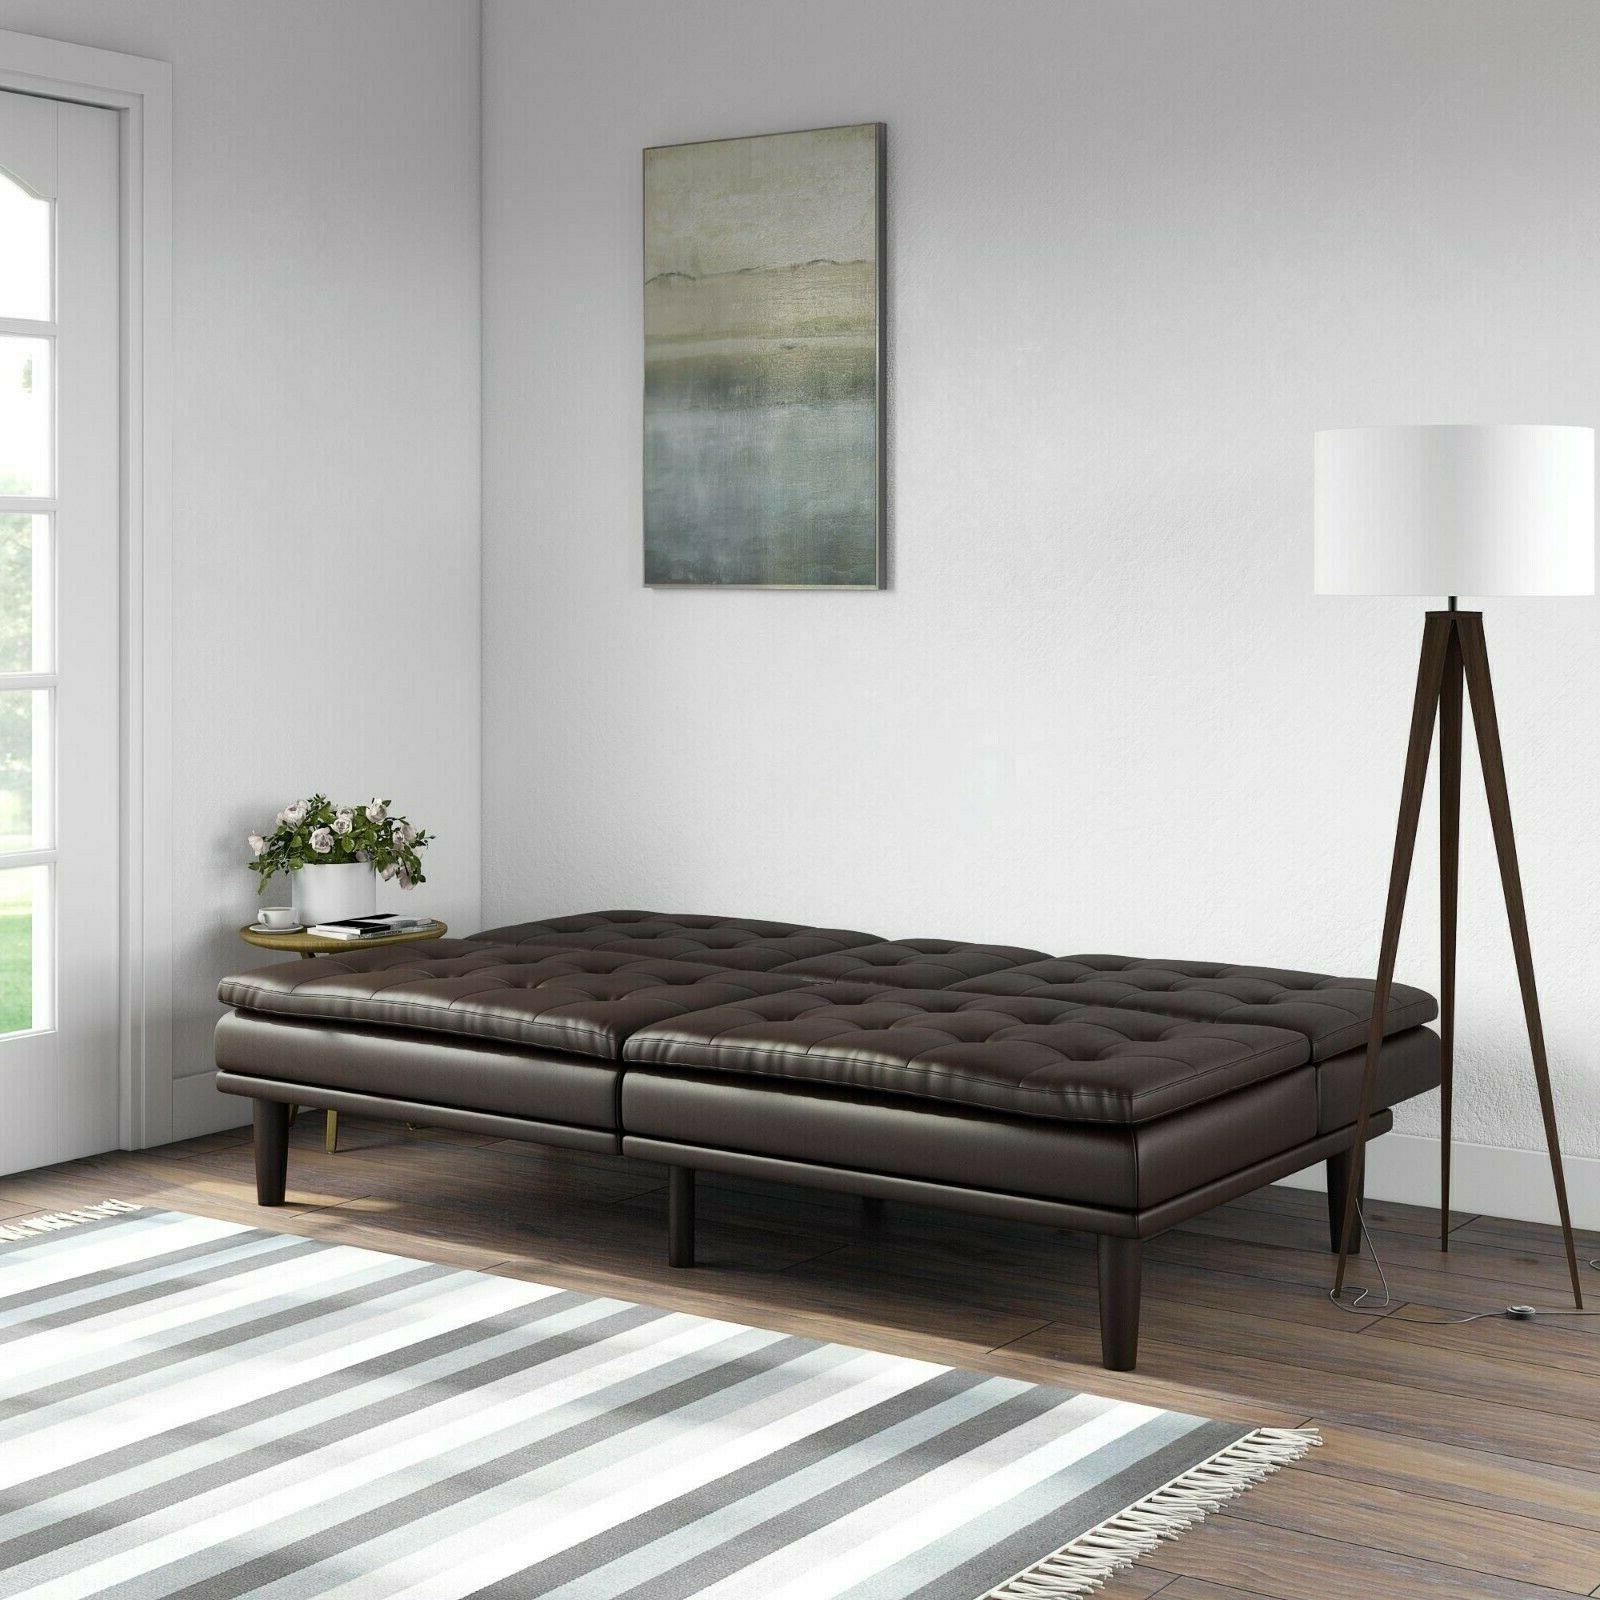 Sofa Futon Modern Style